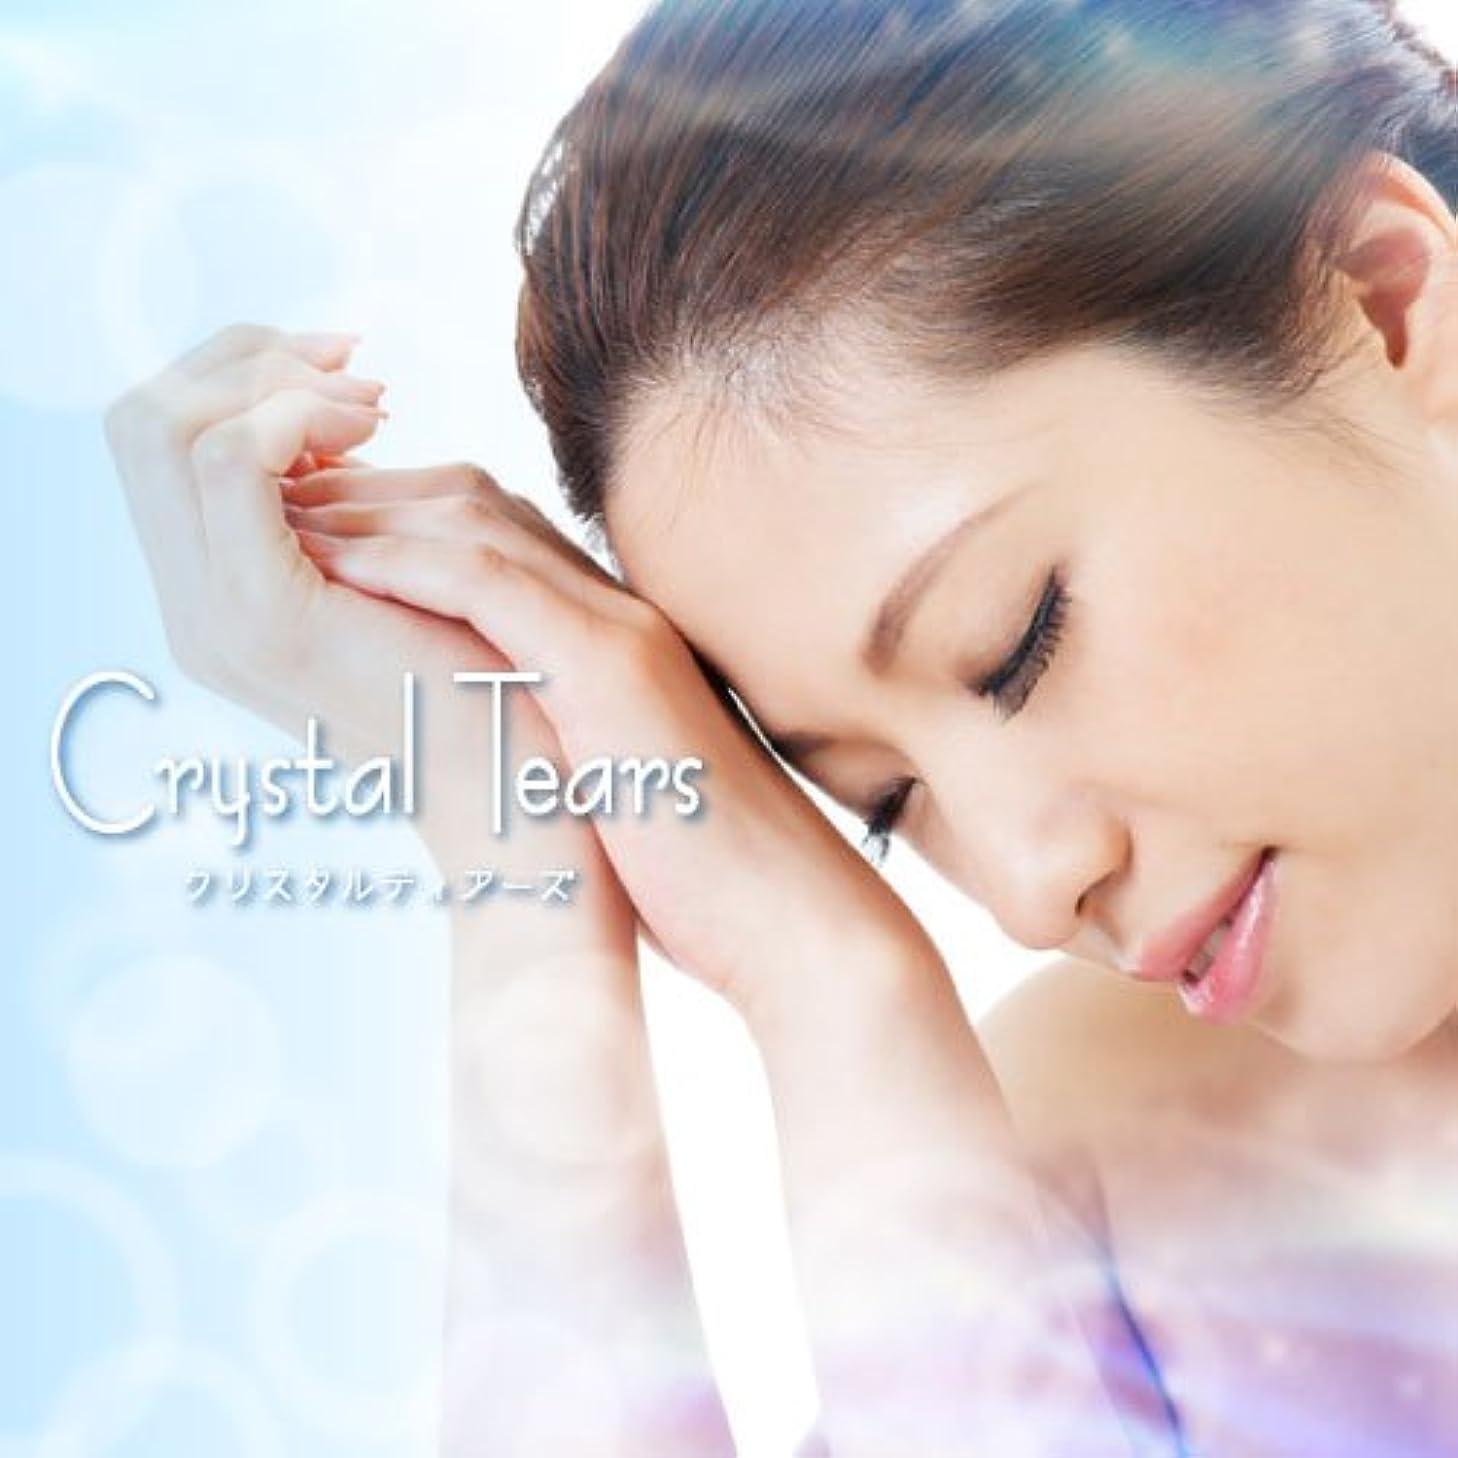 追加する詐欺乱用【3個セット】Crystal Tears(クリスタル ティアーズ)